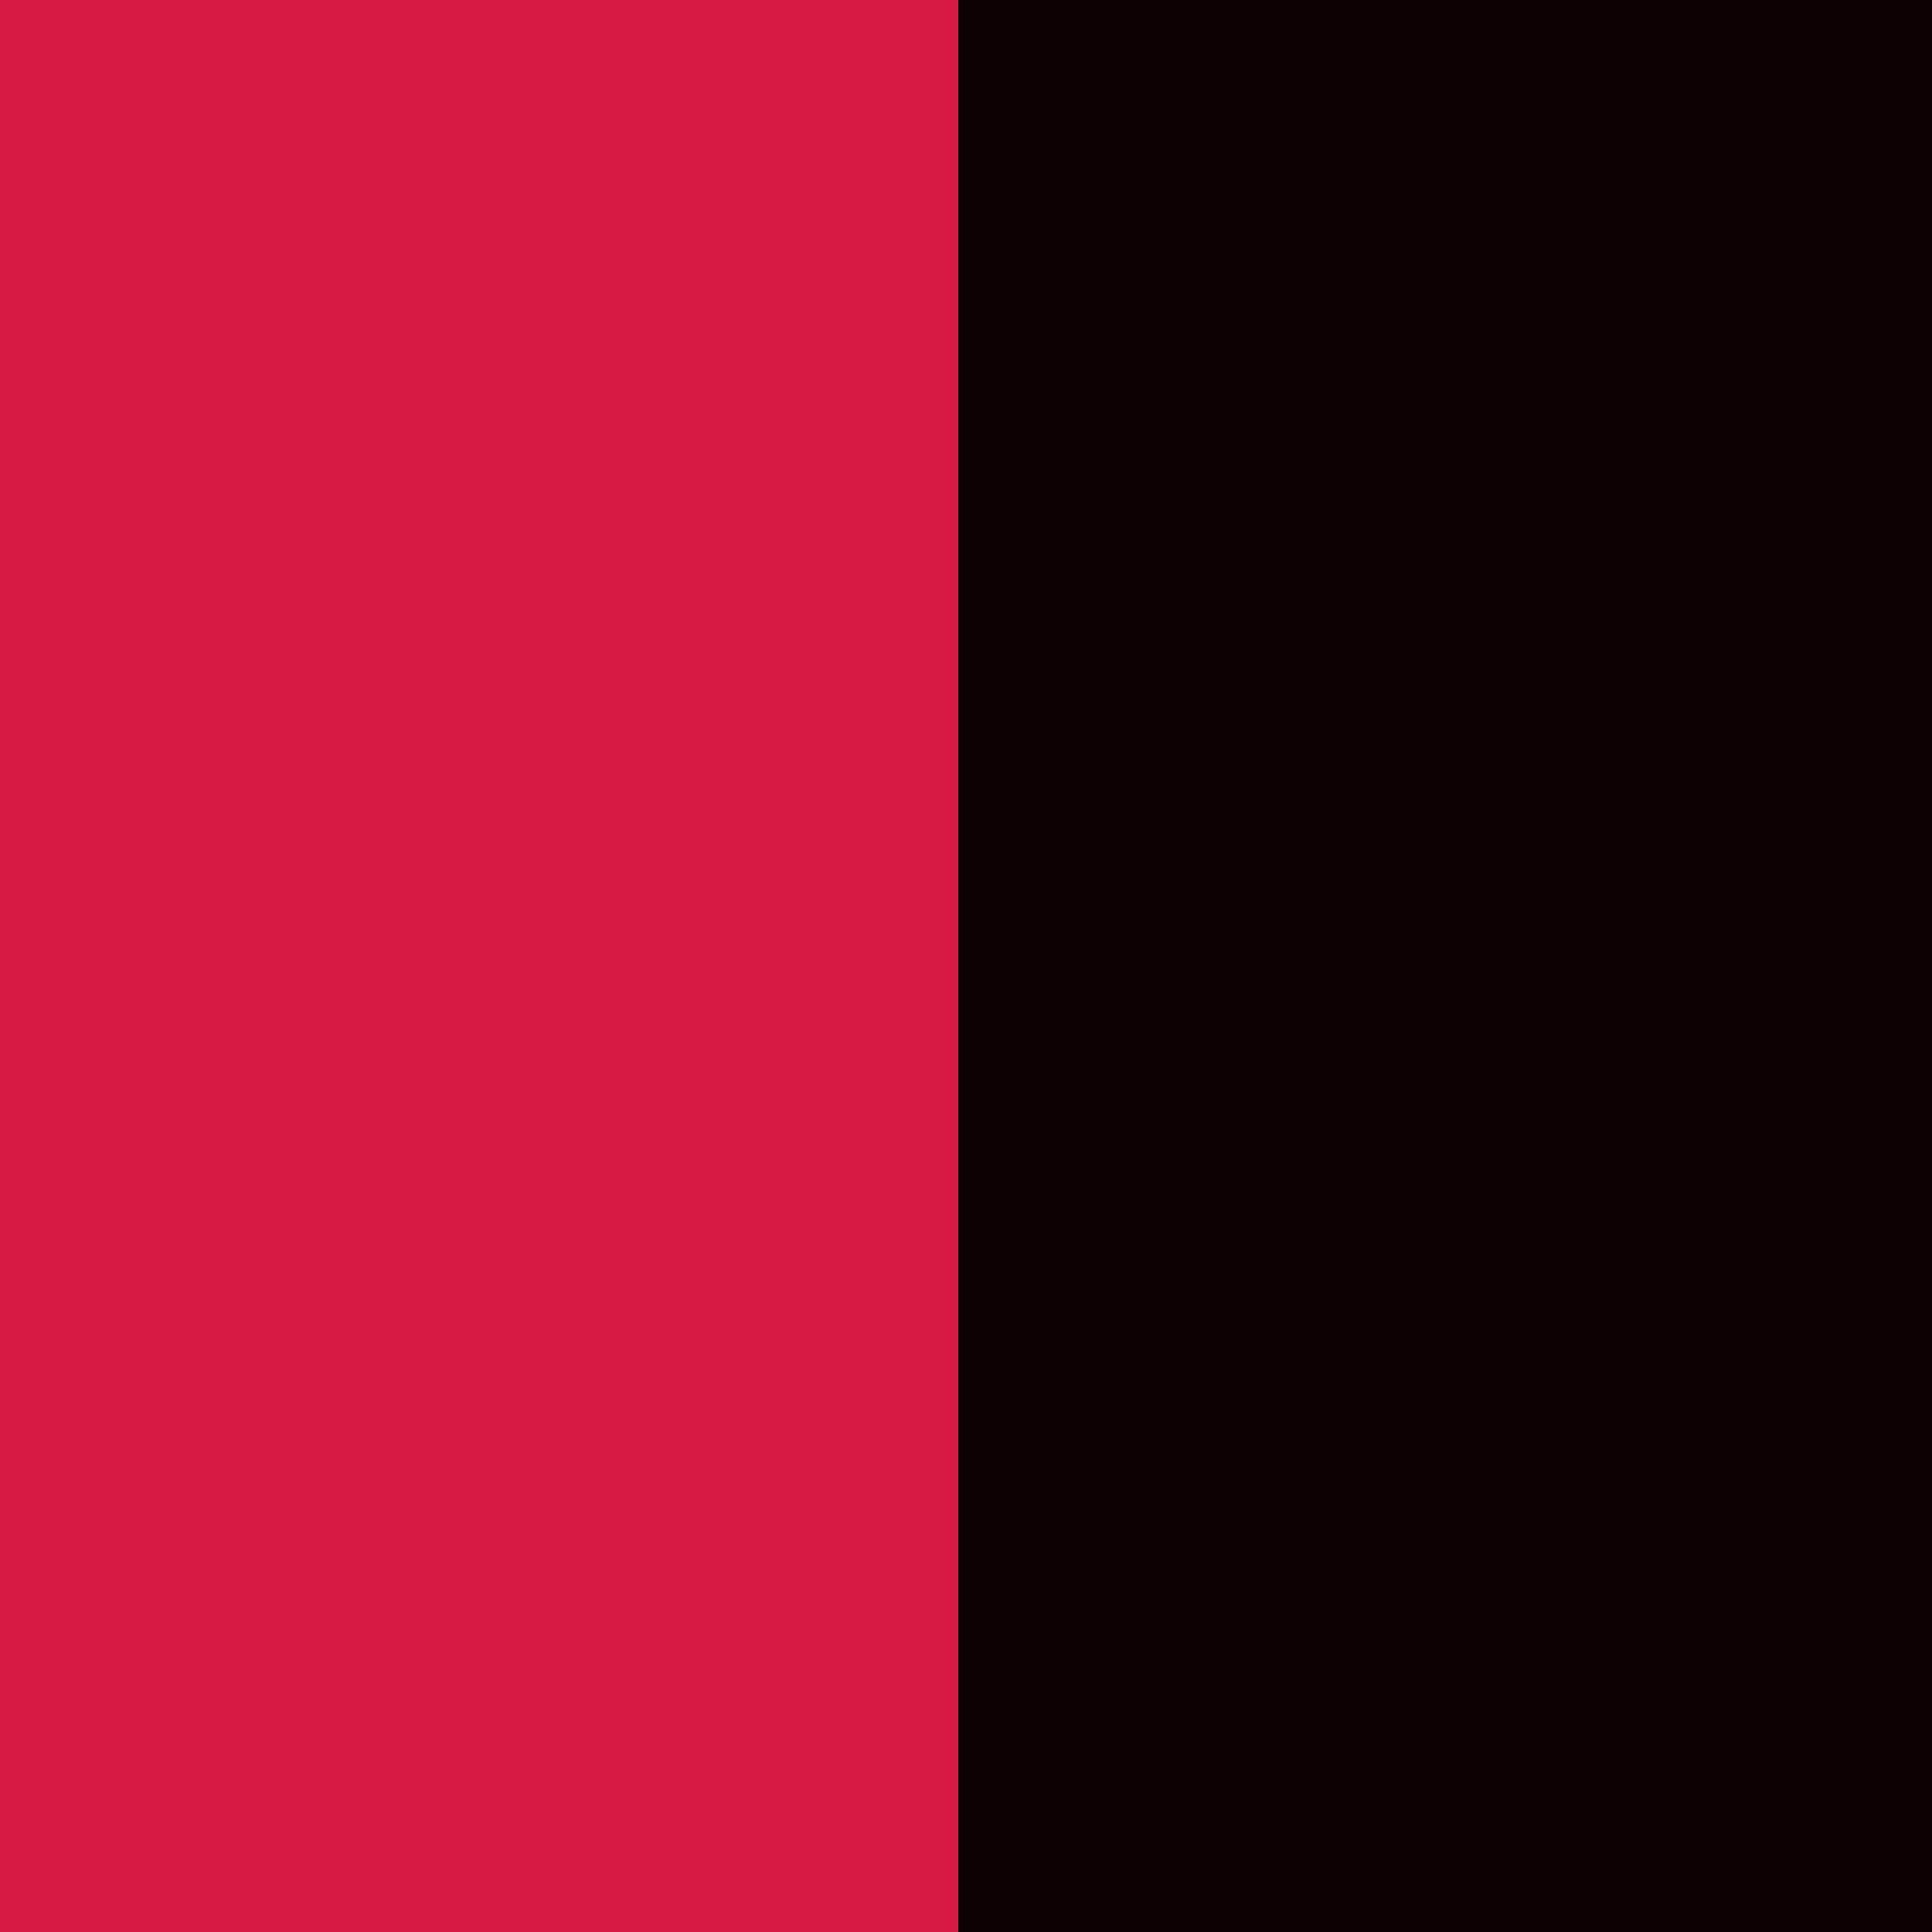 rosu+negru